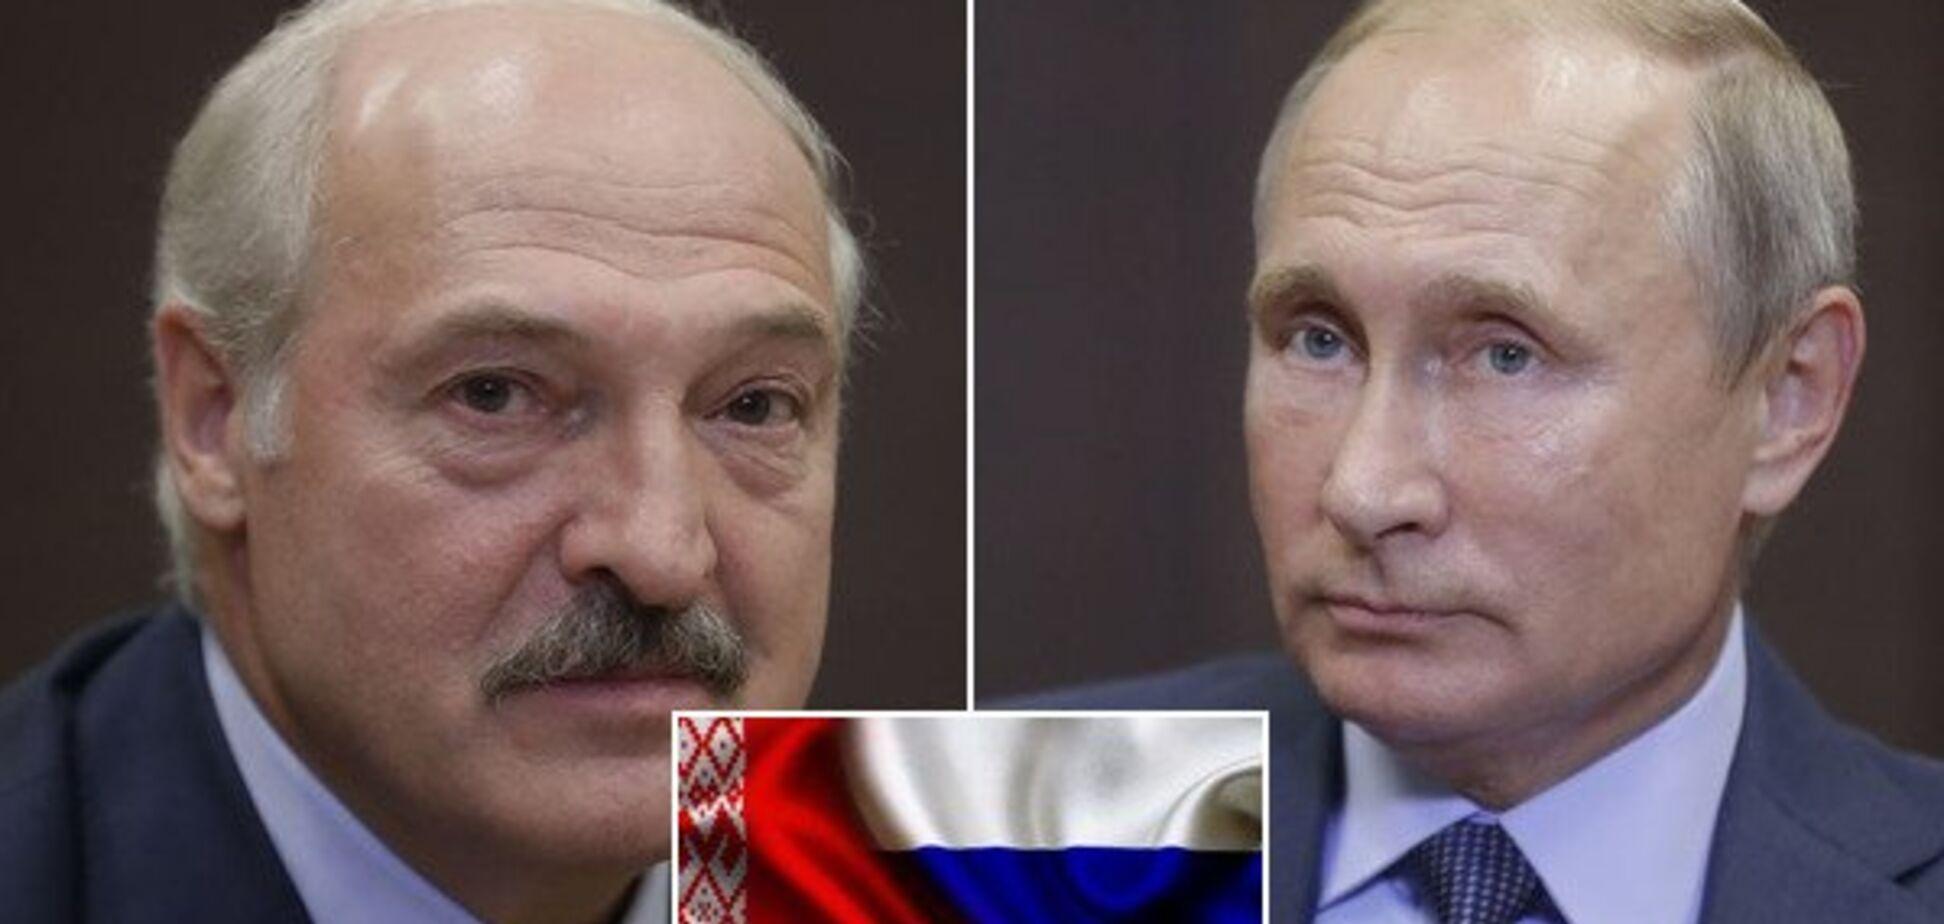 Россия поглощает Беларусь: какие цели преследует глава Кремля, и при чем тут Крым